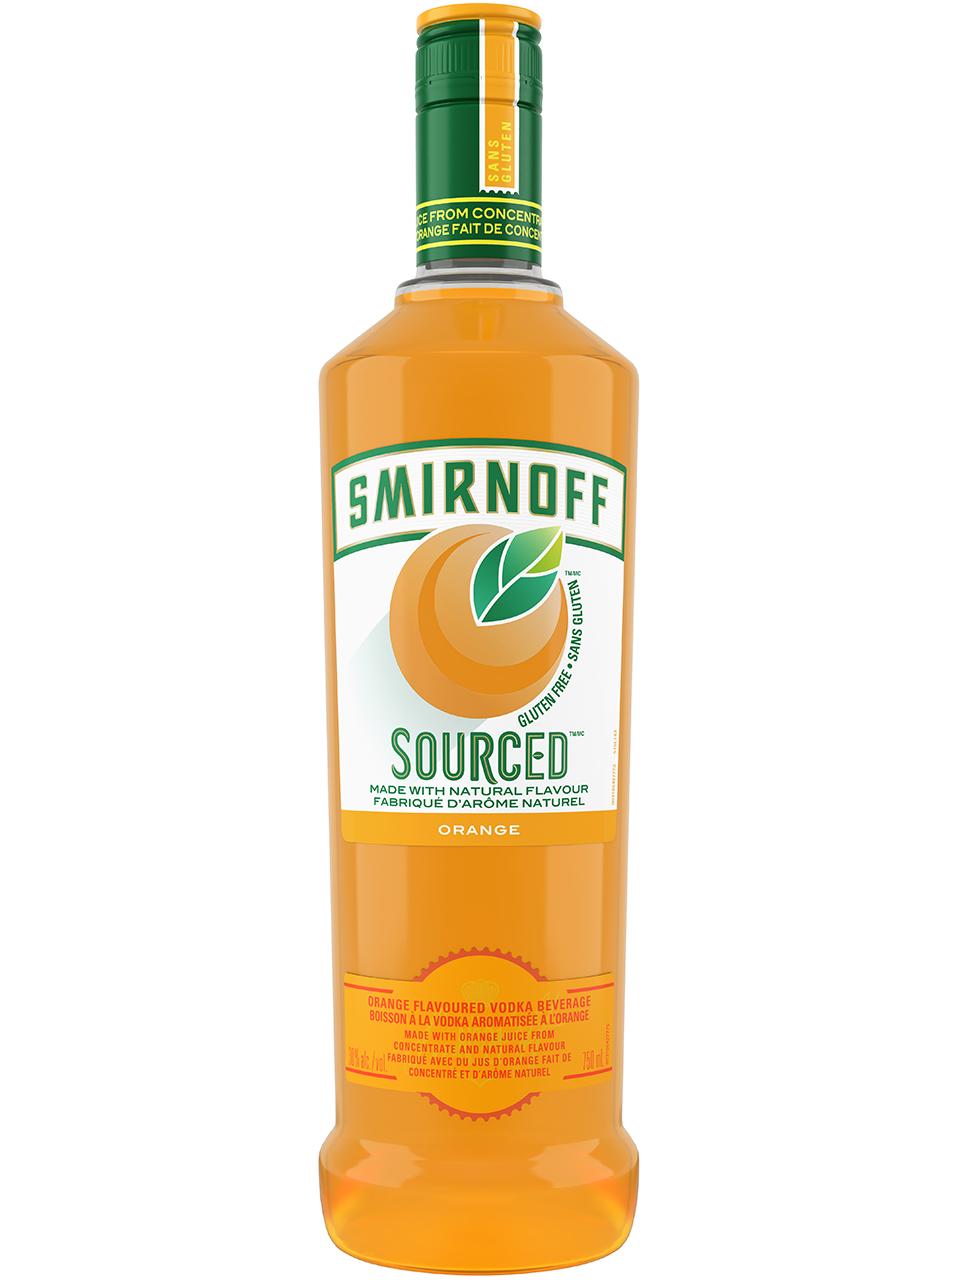 Smirnoff Sourced Orange Vodka